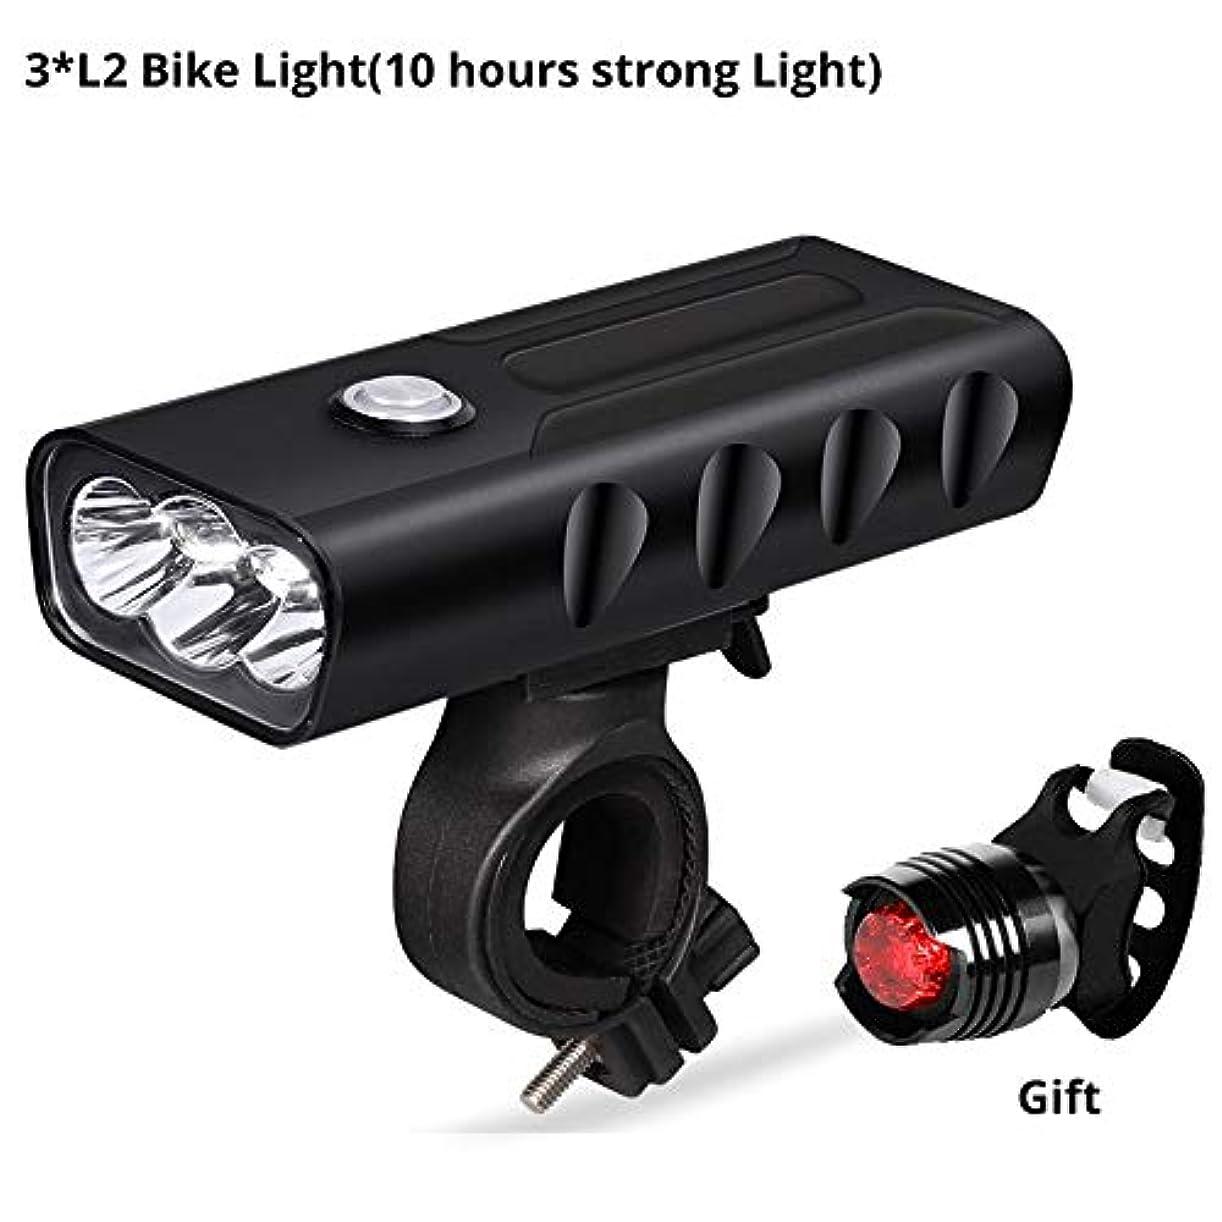 見つけたタービン超高層ビルJ-RH サイクリング安全懐中電灯、USB充電式自転車ライト800ルーメン3 LED道路/マウンテンバイクヘッドライトランプ無料テールライトセット、簡単インストール (Color : T6-10 hour)